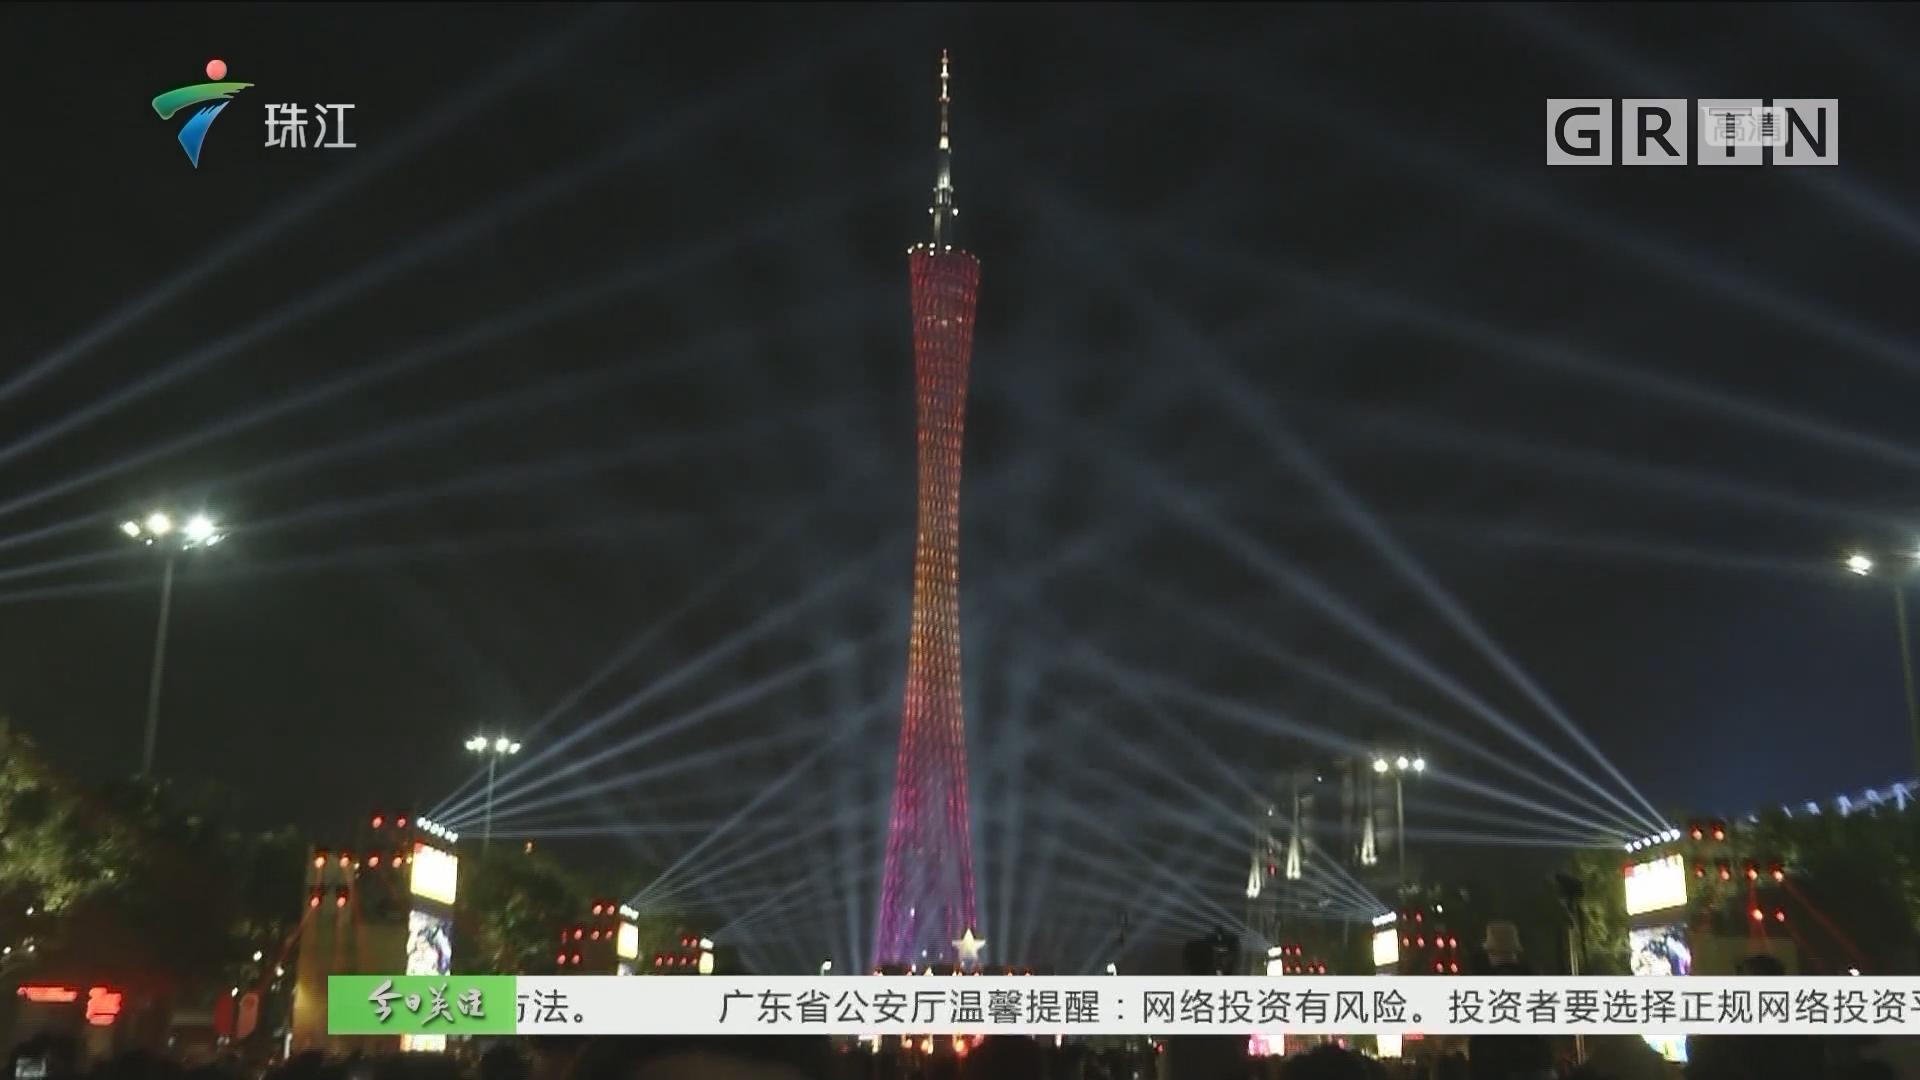 广州灯光节今晚开幕 首次加入无人机表演